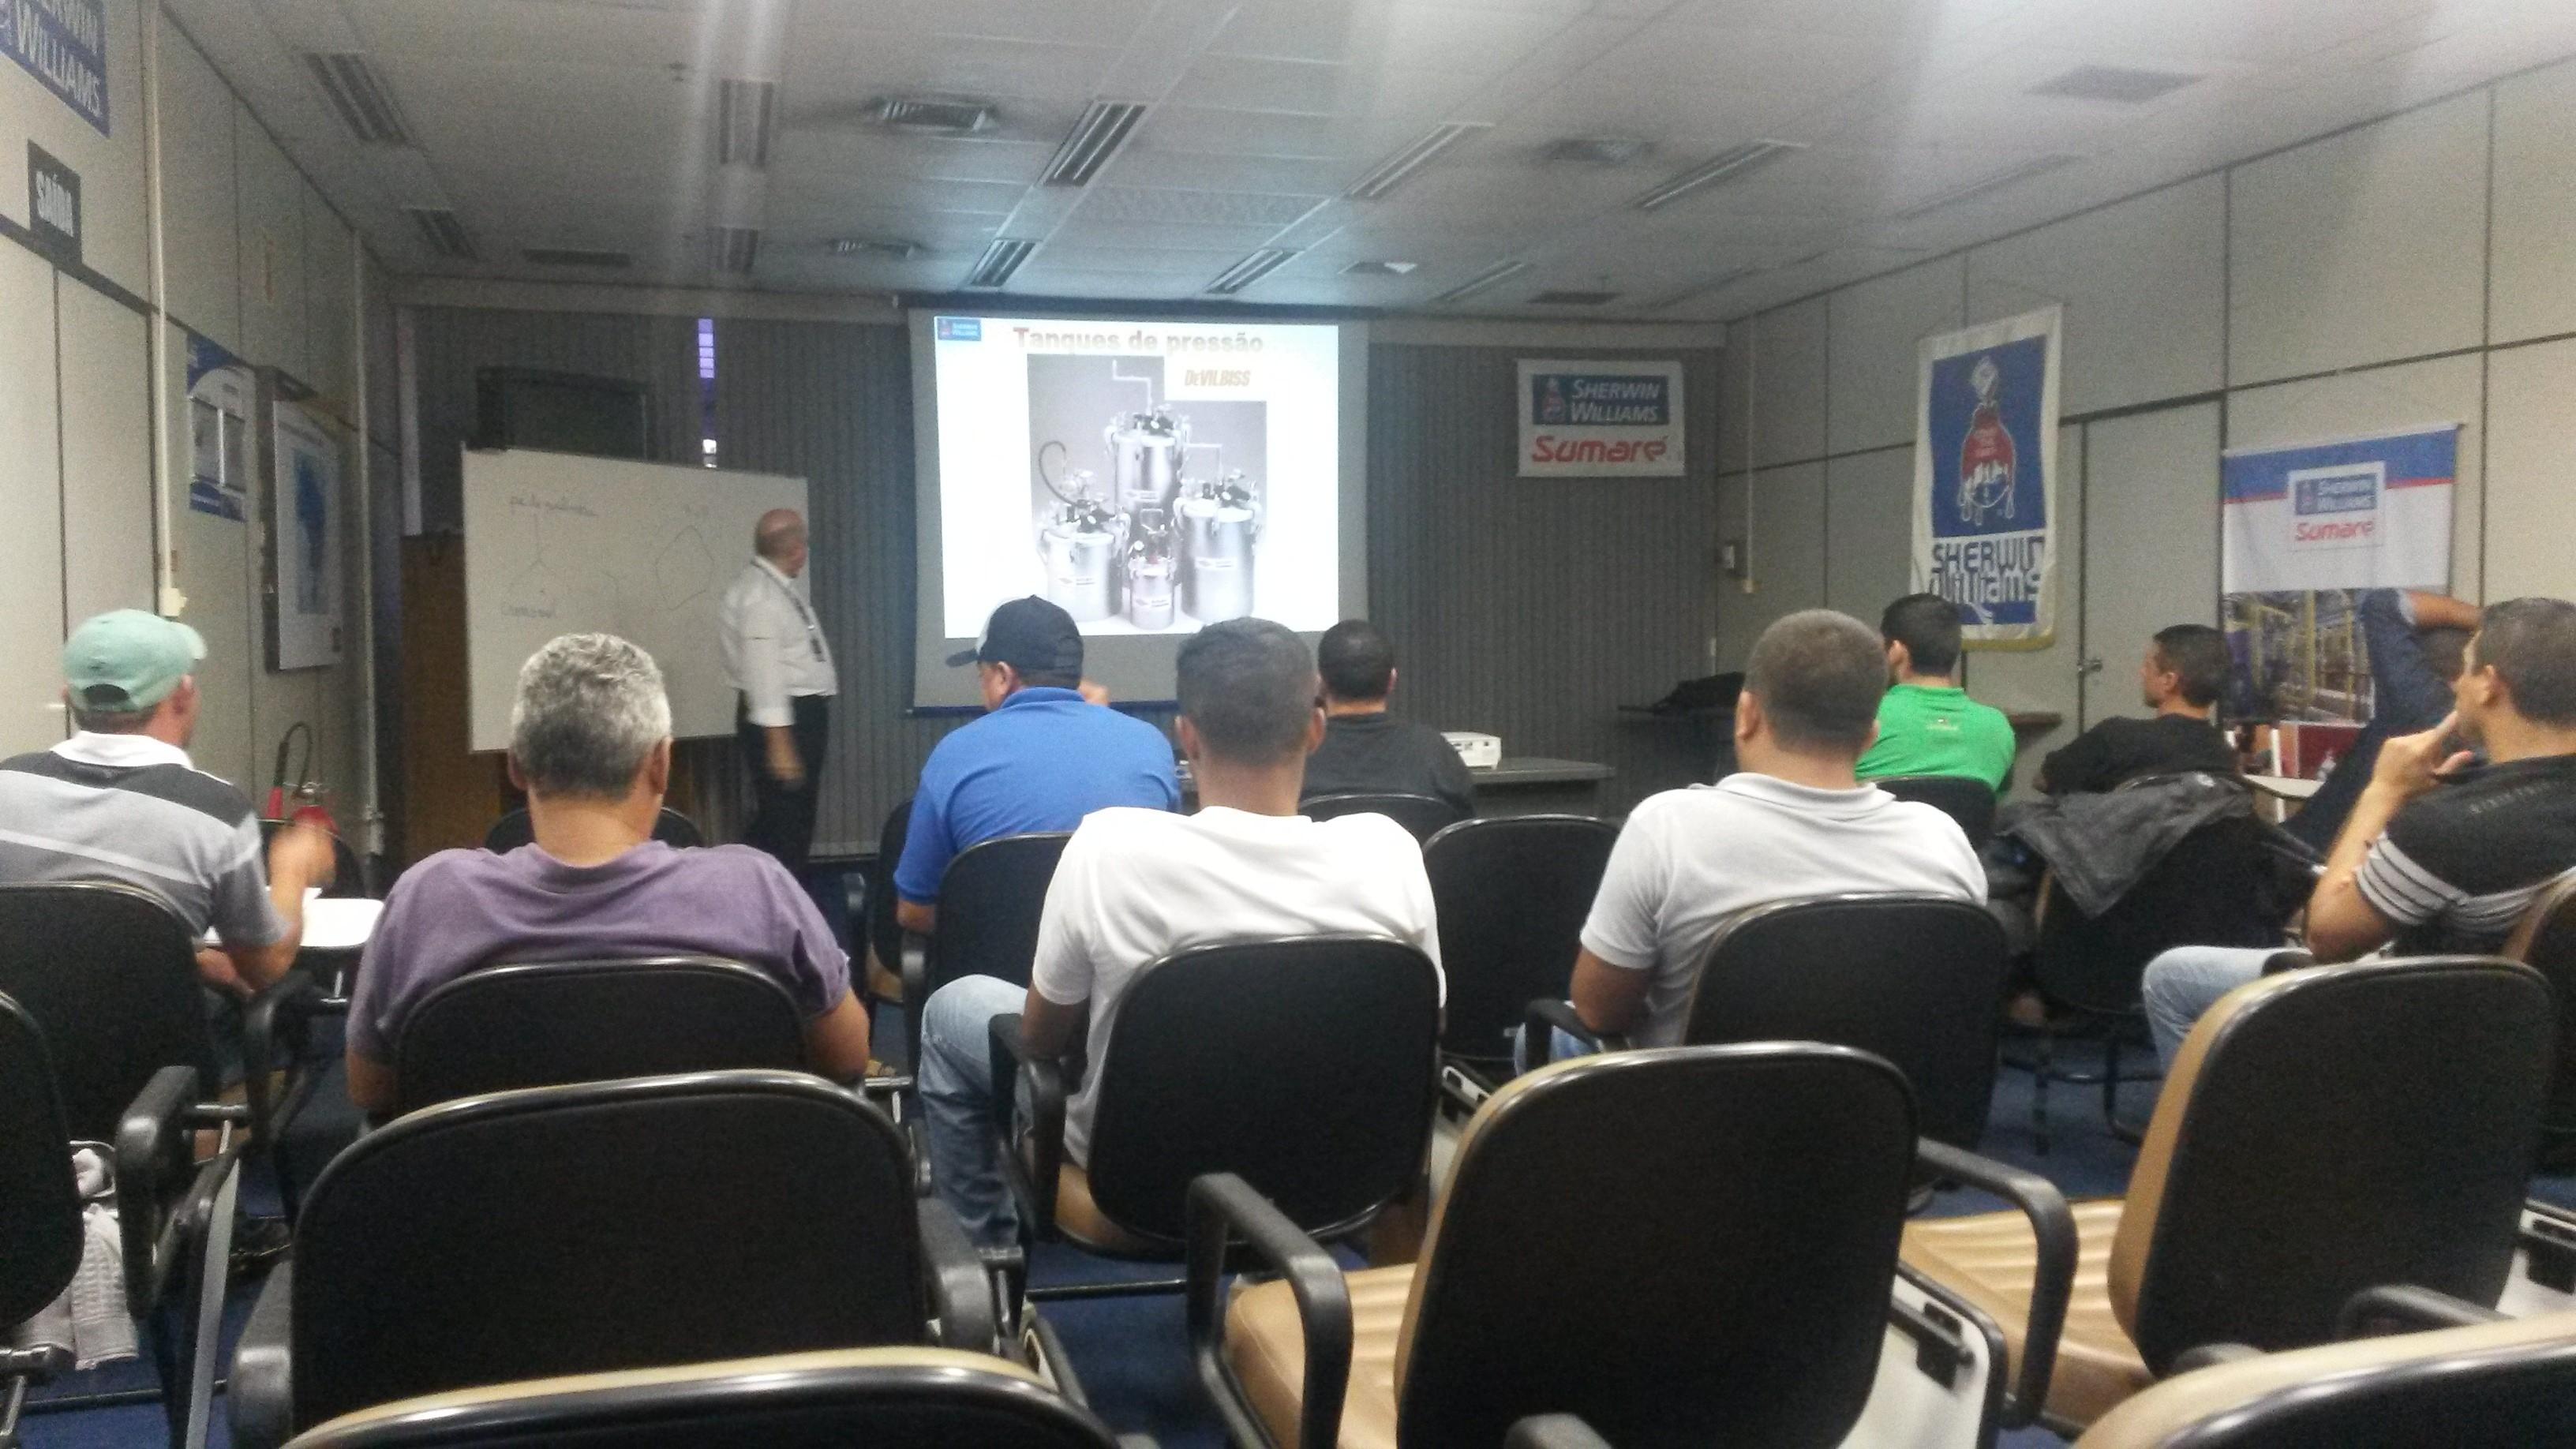 Empresa de Sumaré abre inscrições para 30 vagas em curso sobre tintas anticorrosivas - Notícias - Plantão Diário